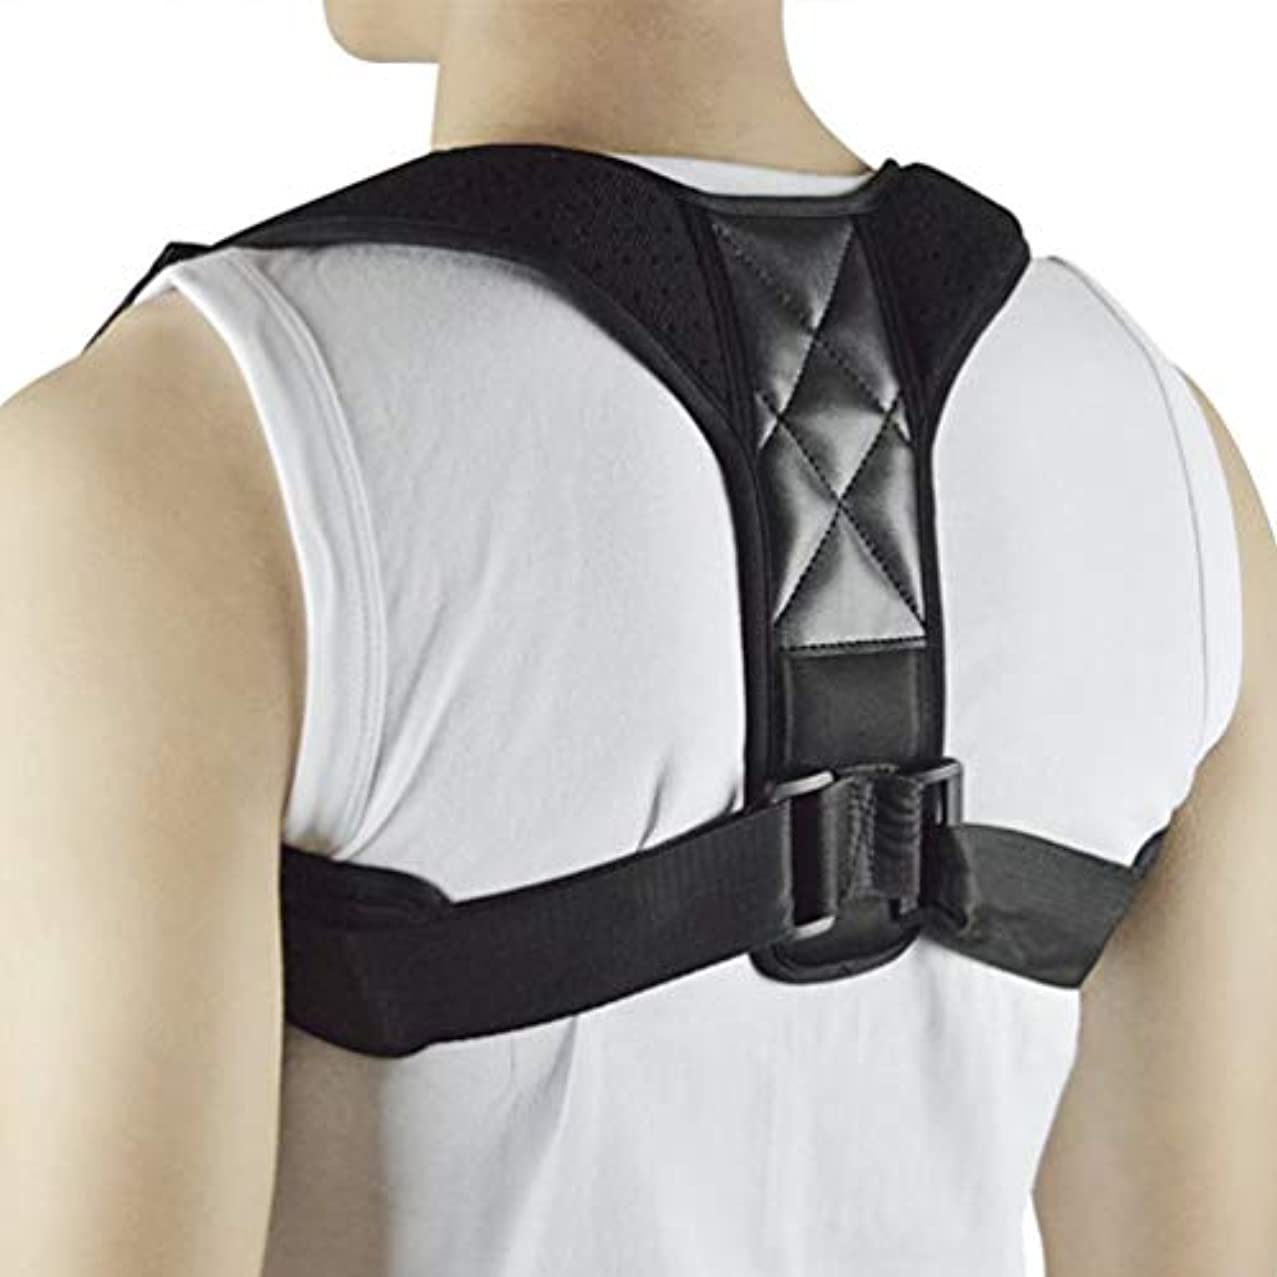 散歩信仰しつけWT-C734ザトウクジラ矯正ベルト大人の脊椎背部固定子の背部矯正 - 多色アドバンス